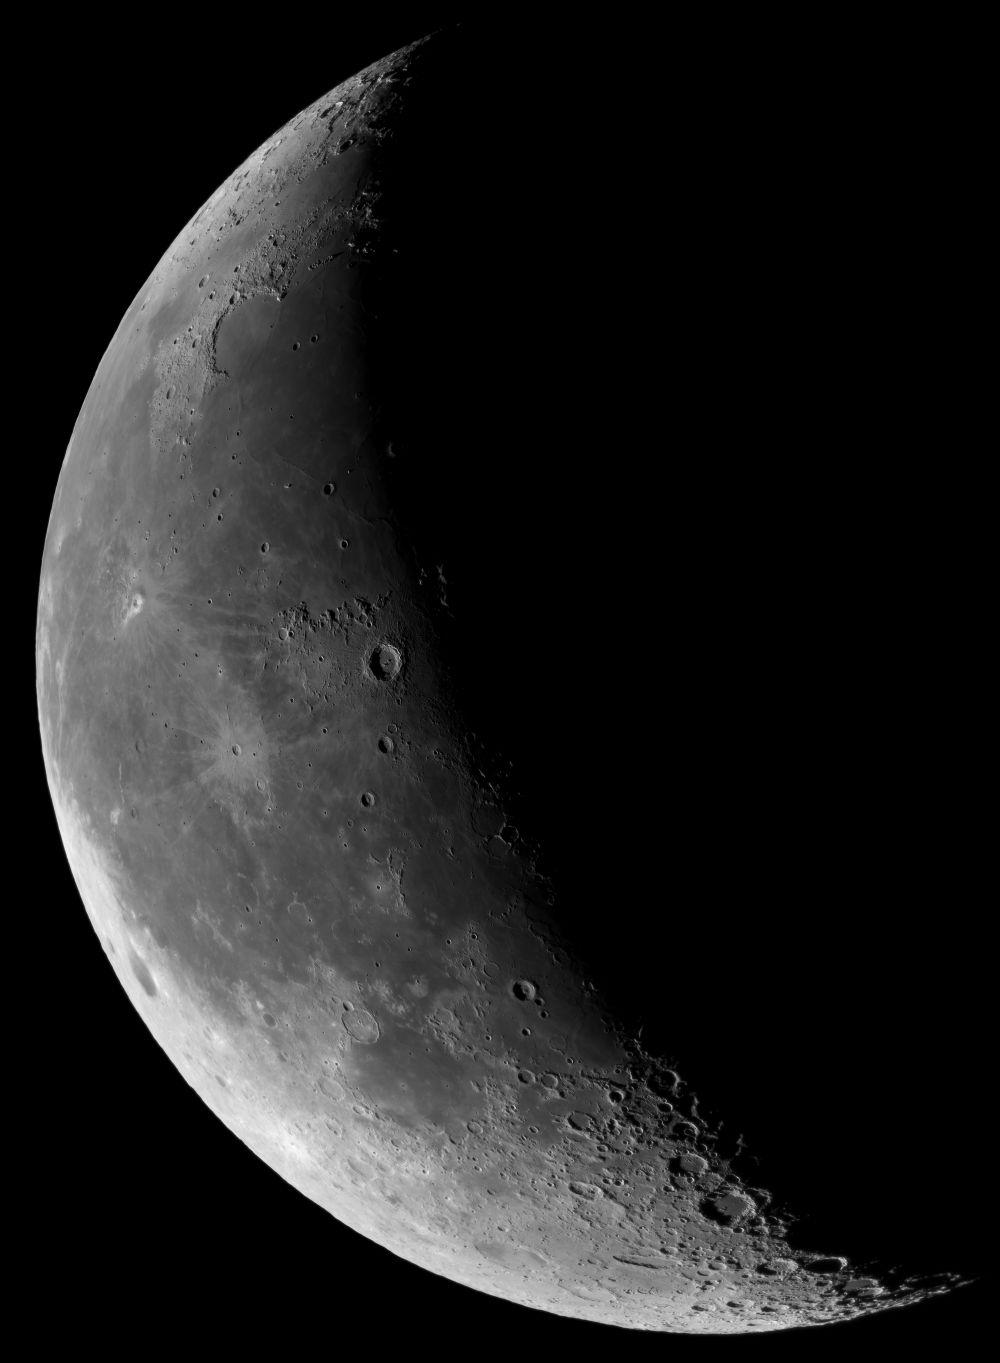 2016.11.23 Moon mosaic